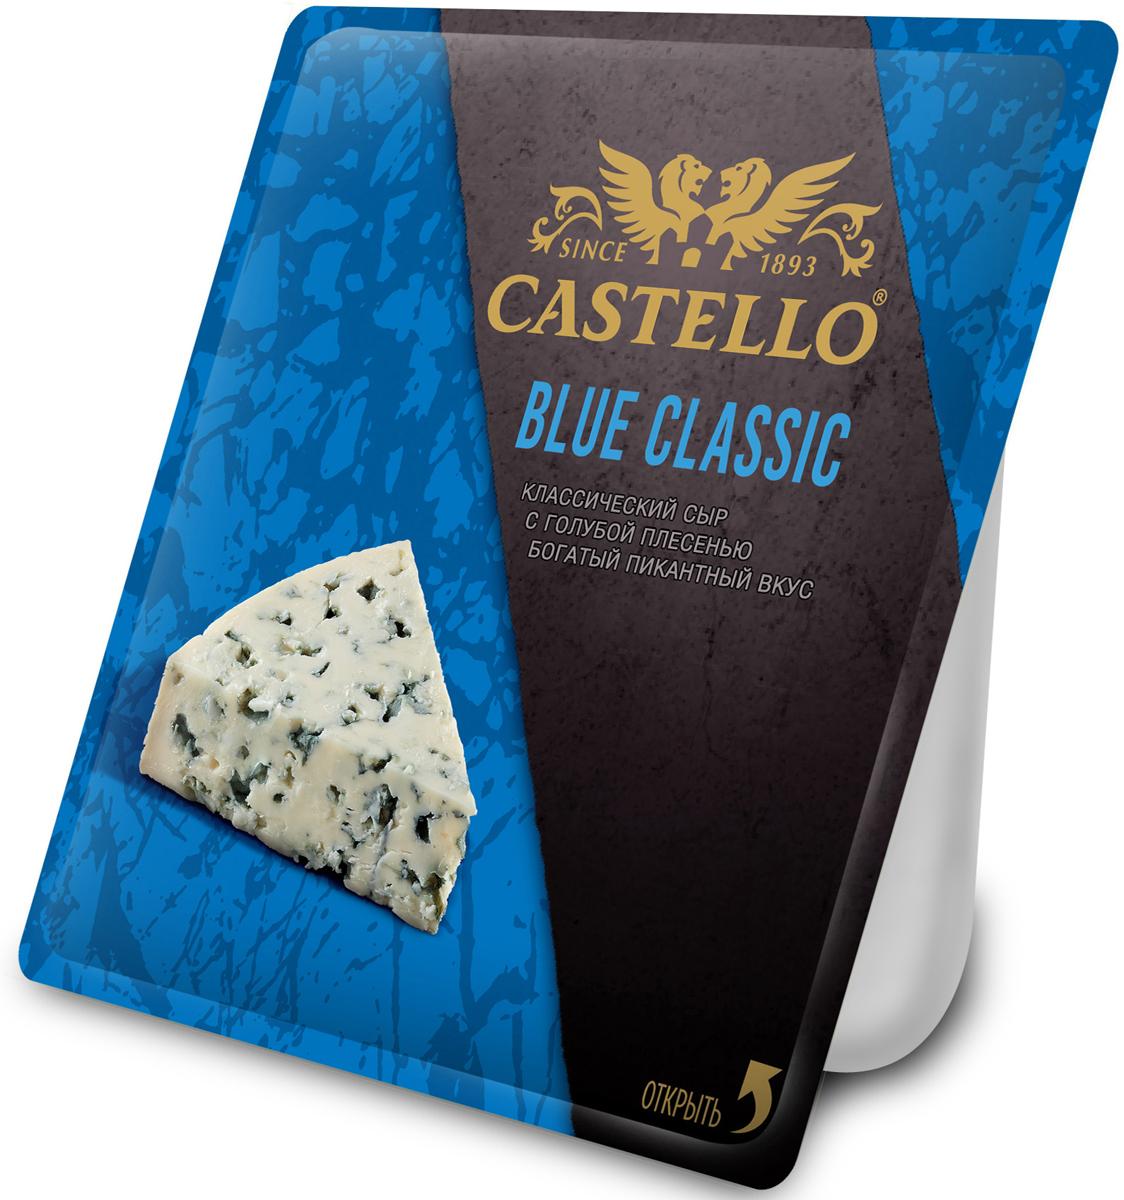 Castello Blue Classic Сыр с голубой плесенью, 50%, 125 г67287Классический сыр с голубой плесенью. Вкус сыра богатый и пикантный. Украсит Вашу сырную тарелку, а также не заменим в приготовлении соусов и супов. Прекрасно сочетается с сухими рислингами и десерными сотернами.